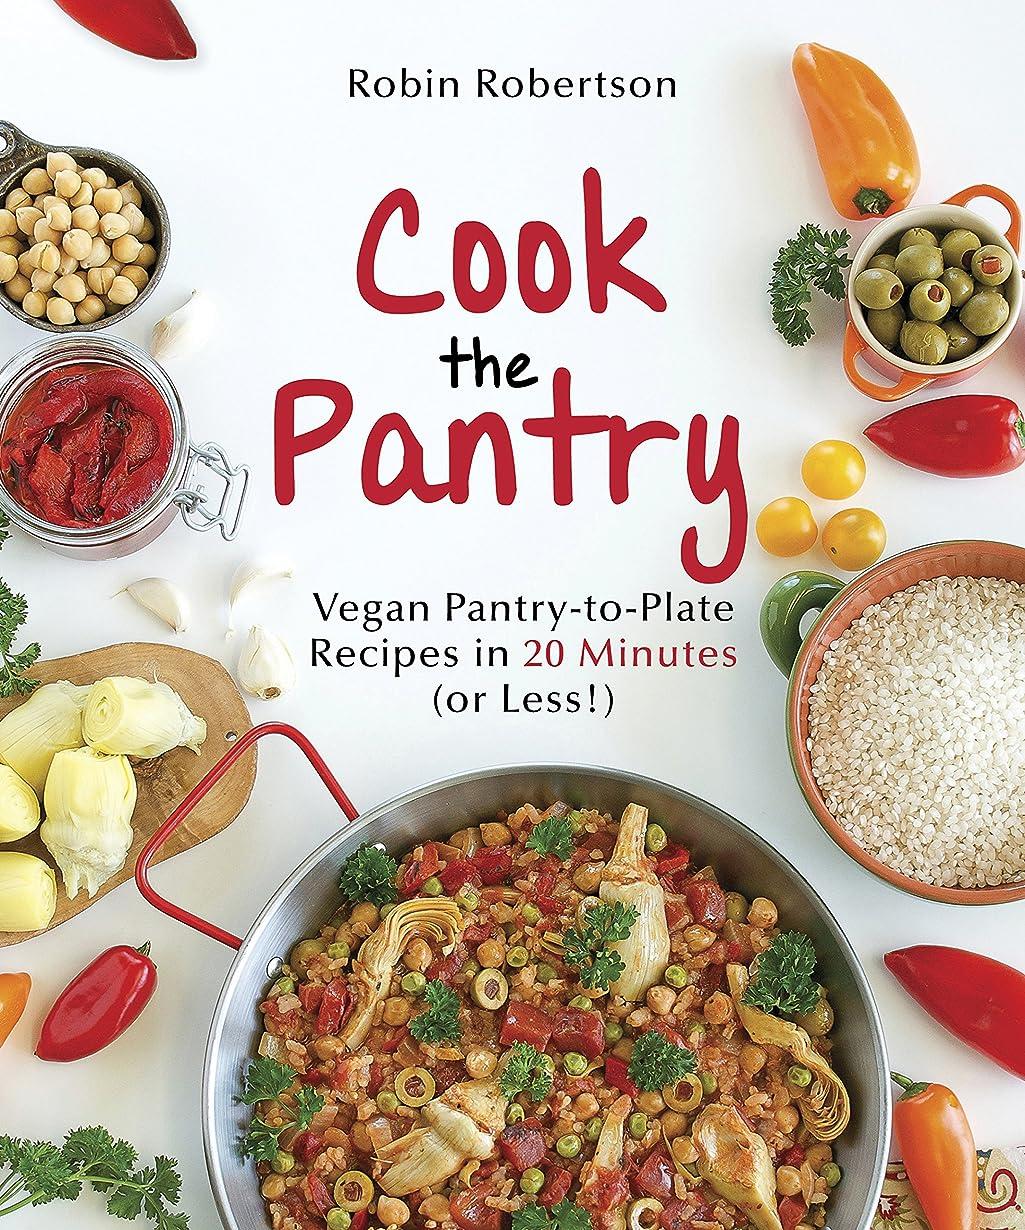 仕事銛思慮深いCook the Pantry: Vegan Pantry-to-Plate Recipes in 20 Minutes (or Less!) (English Edition)